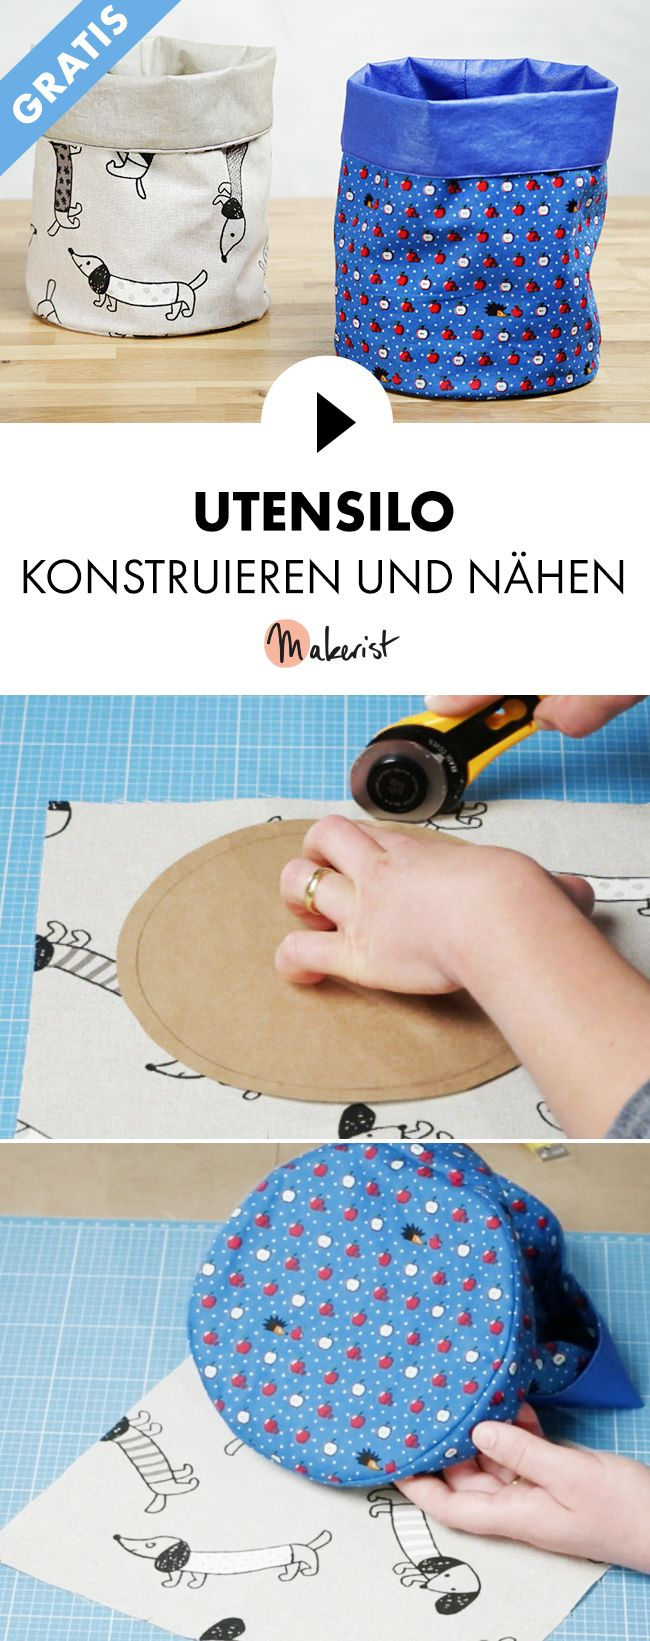 Gratis Video-Kurs: Utensilo nähen ohne Schnittmuster - Schritt für Schritt erklärt im Video-Kurs via Makerist.de